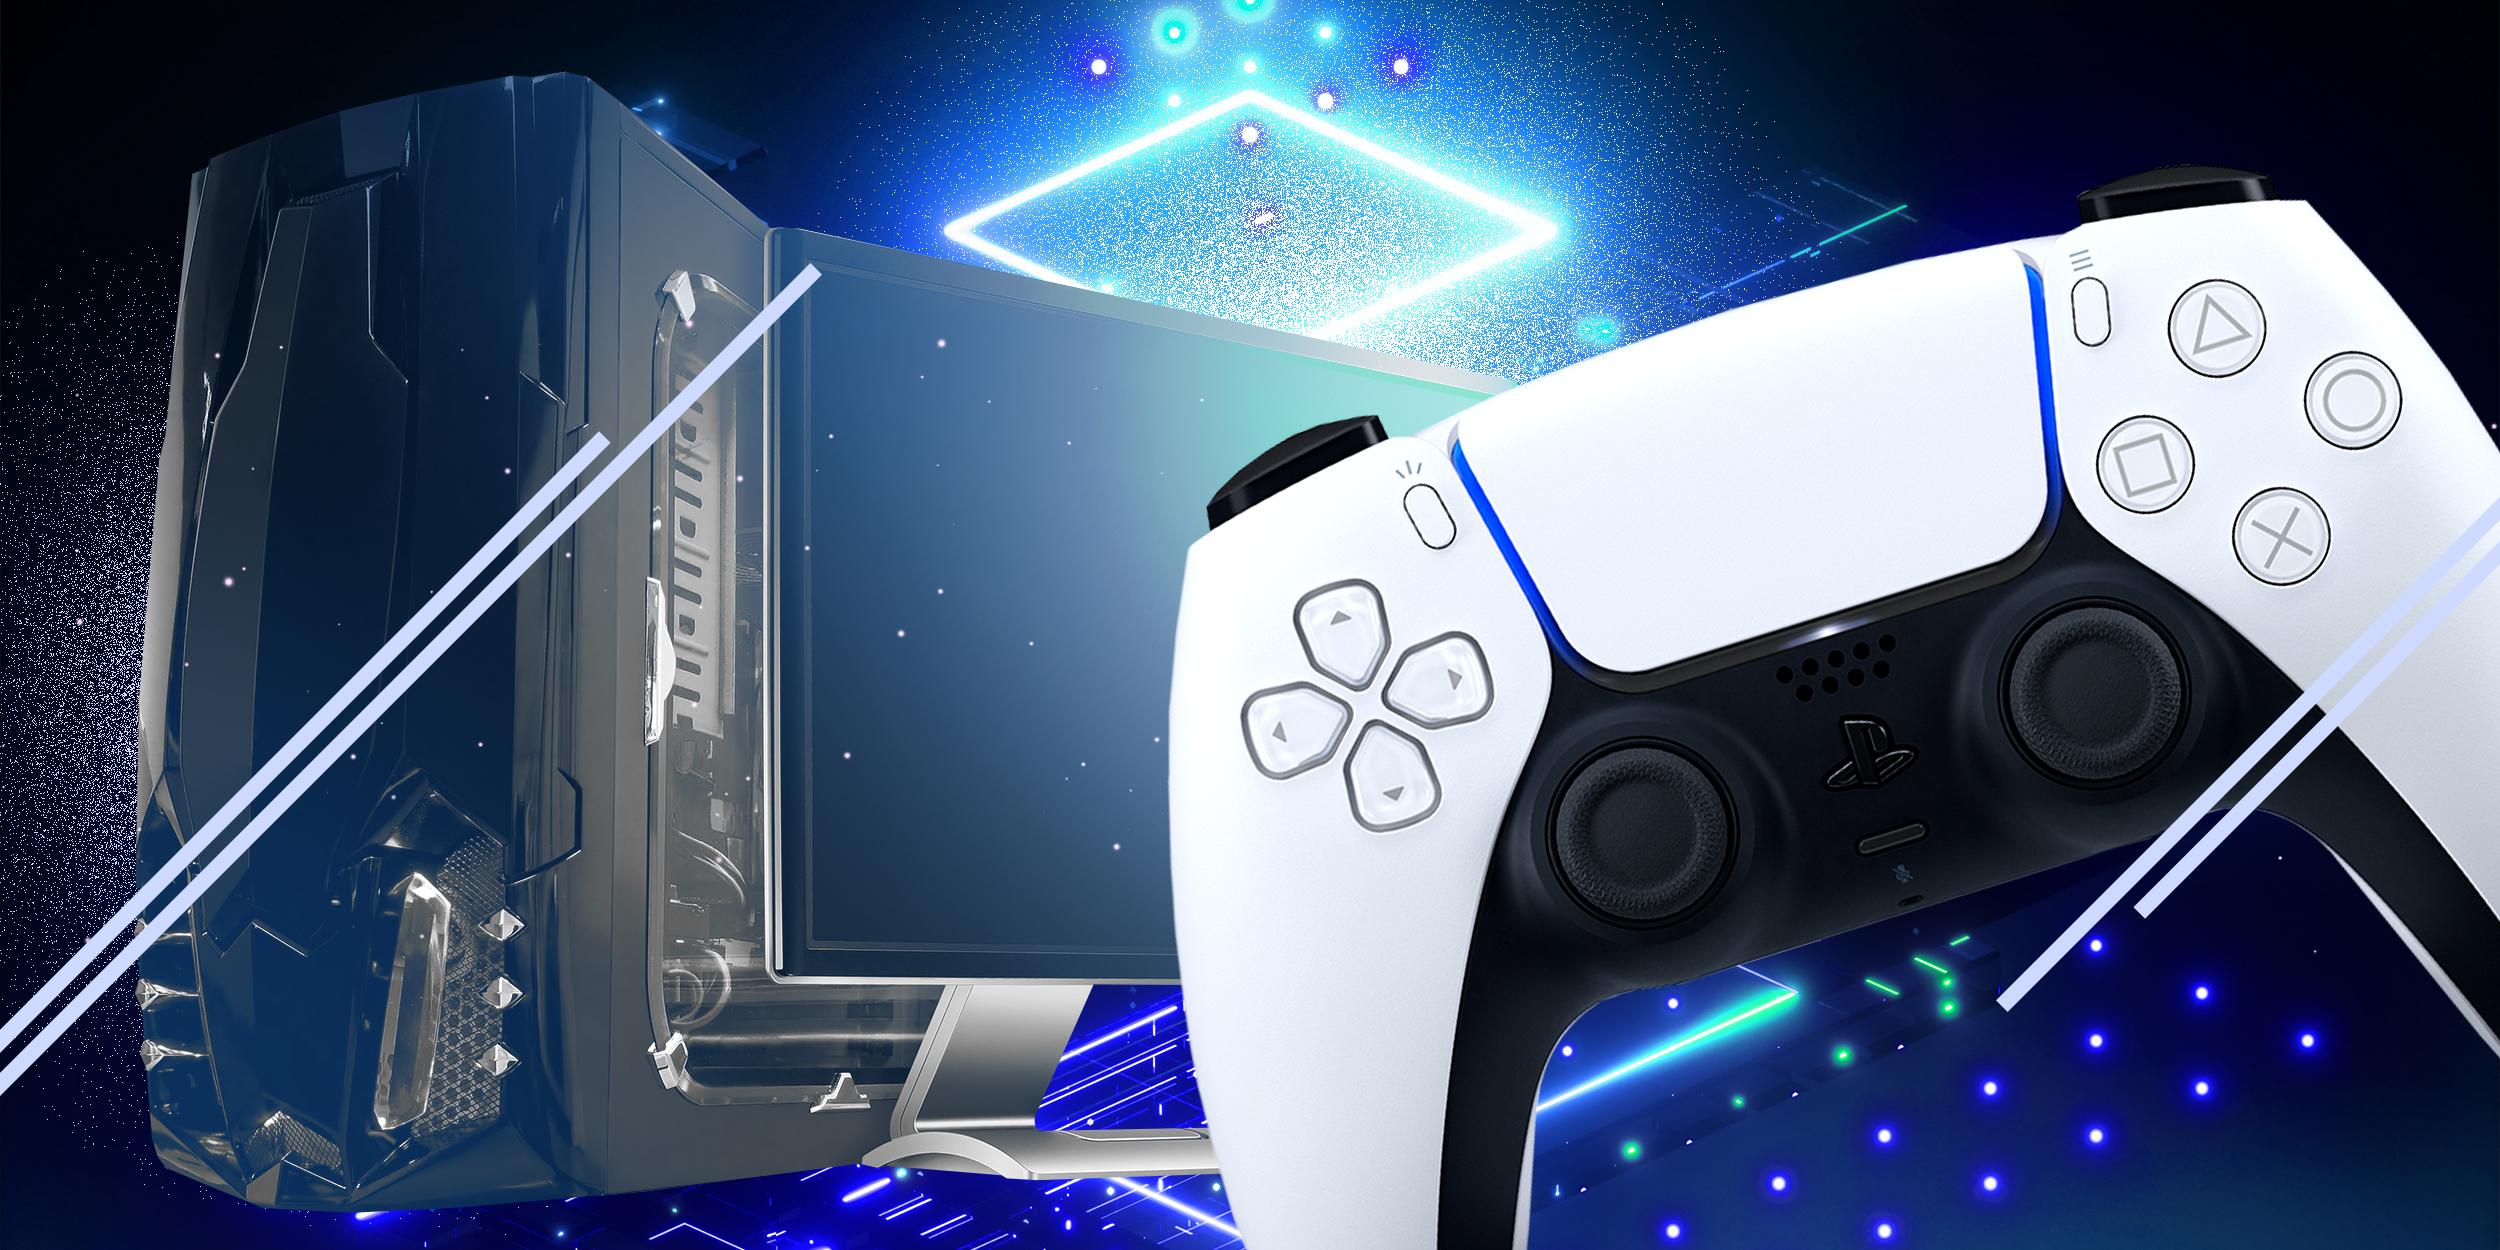 PlayStation 5 vs игровой ПК: что выбрать?